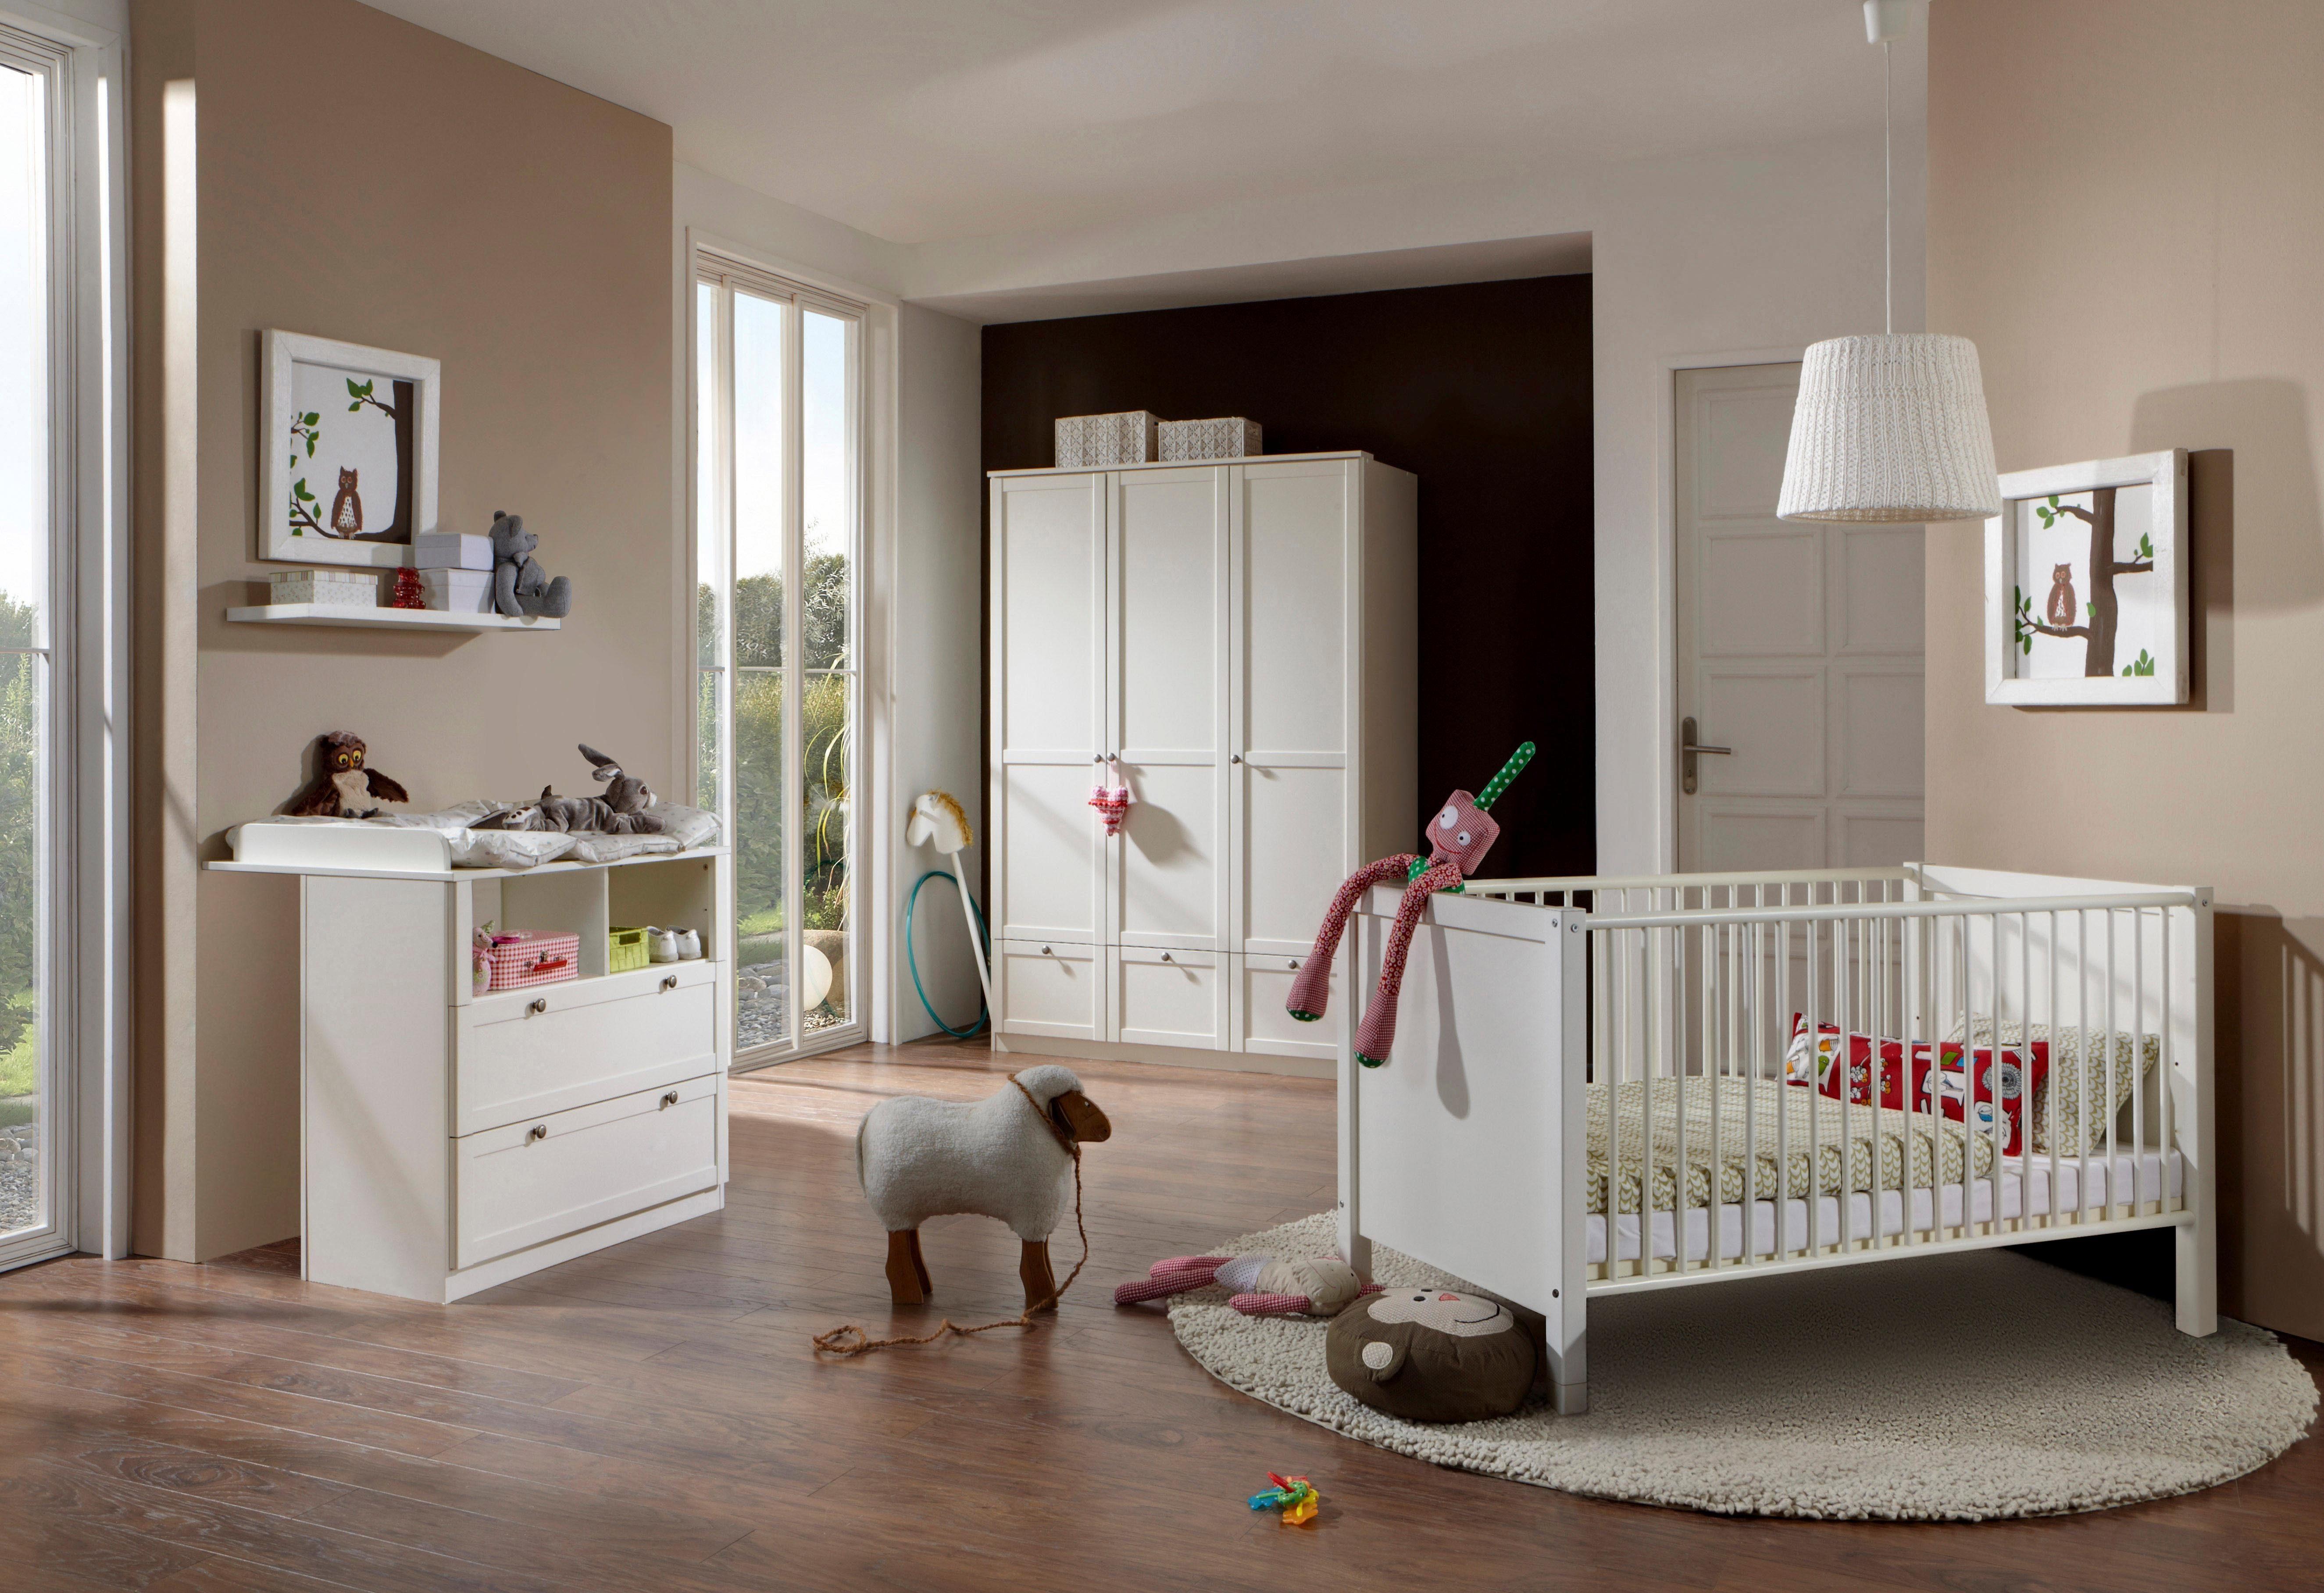 Babyzimmer komplett Set Babybett Kommode Schrank Bettwäsche Set 5 Farben MASSIV